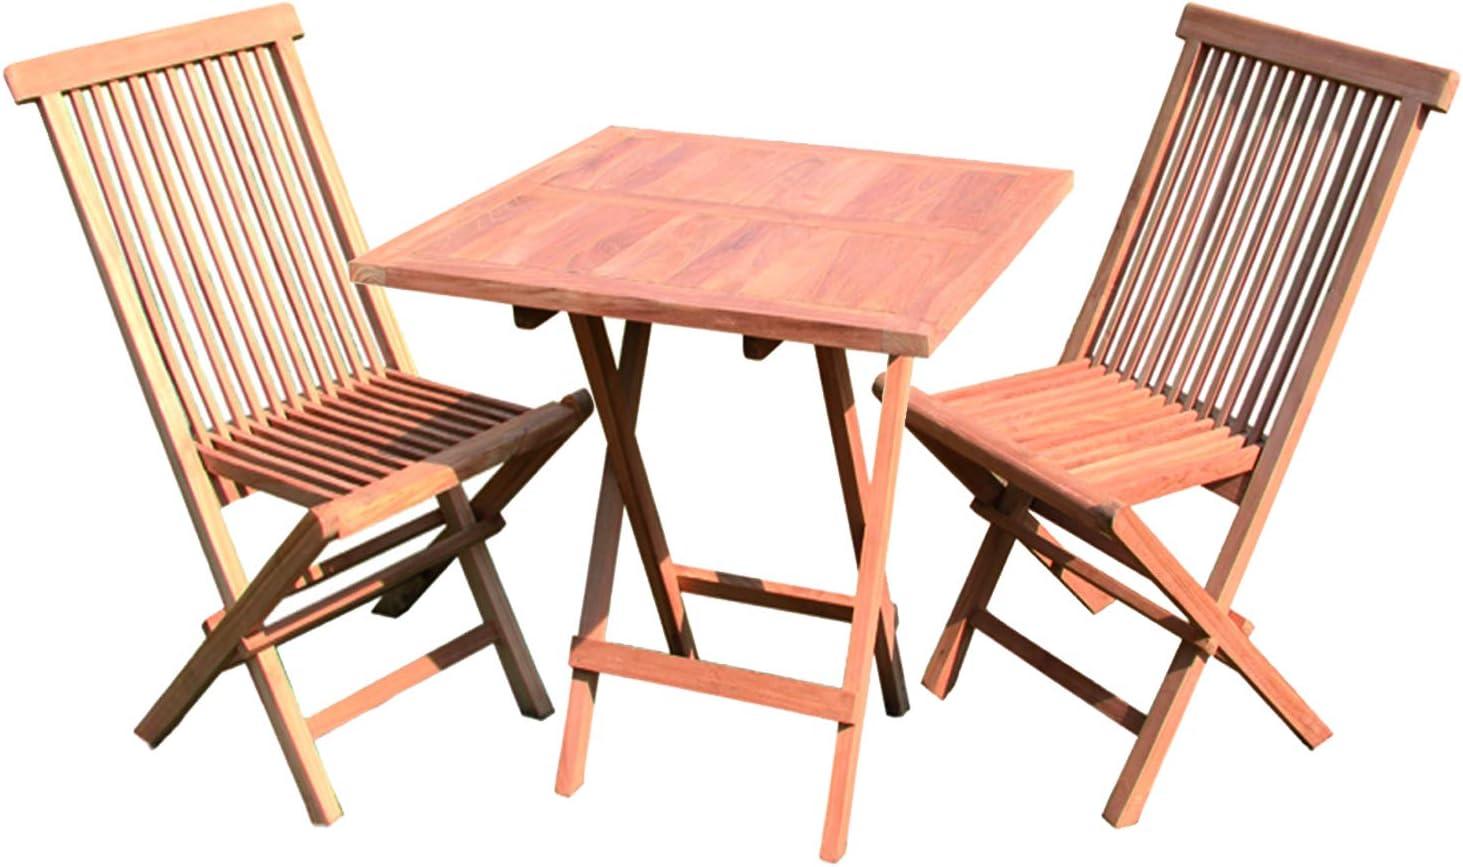 FineHome Juego de 3 Piezas de Madera de Teca para balcón, 1 Mesa Plegable de 60 x 60 cm + 2 sillas Plegables para Interior y Exterior: Amazon.es: Hogar